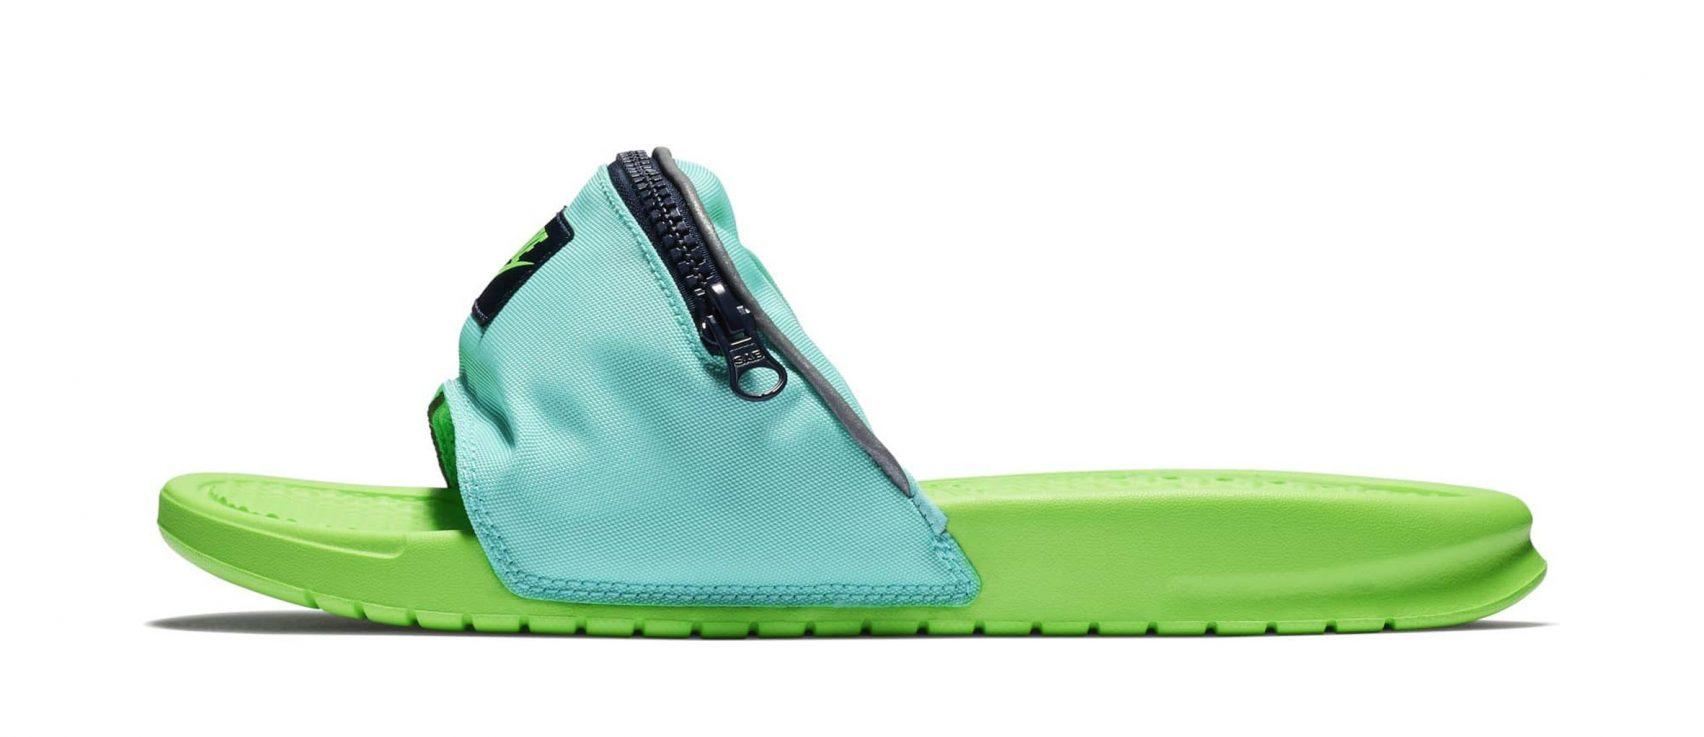 Bel Çantası Takmış Terlikleriyle Nike 90'lı Yılların Tuhaflığını Ayağınıza Getiriyor